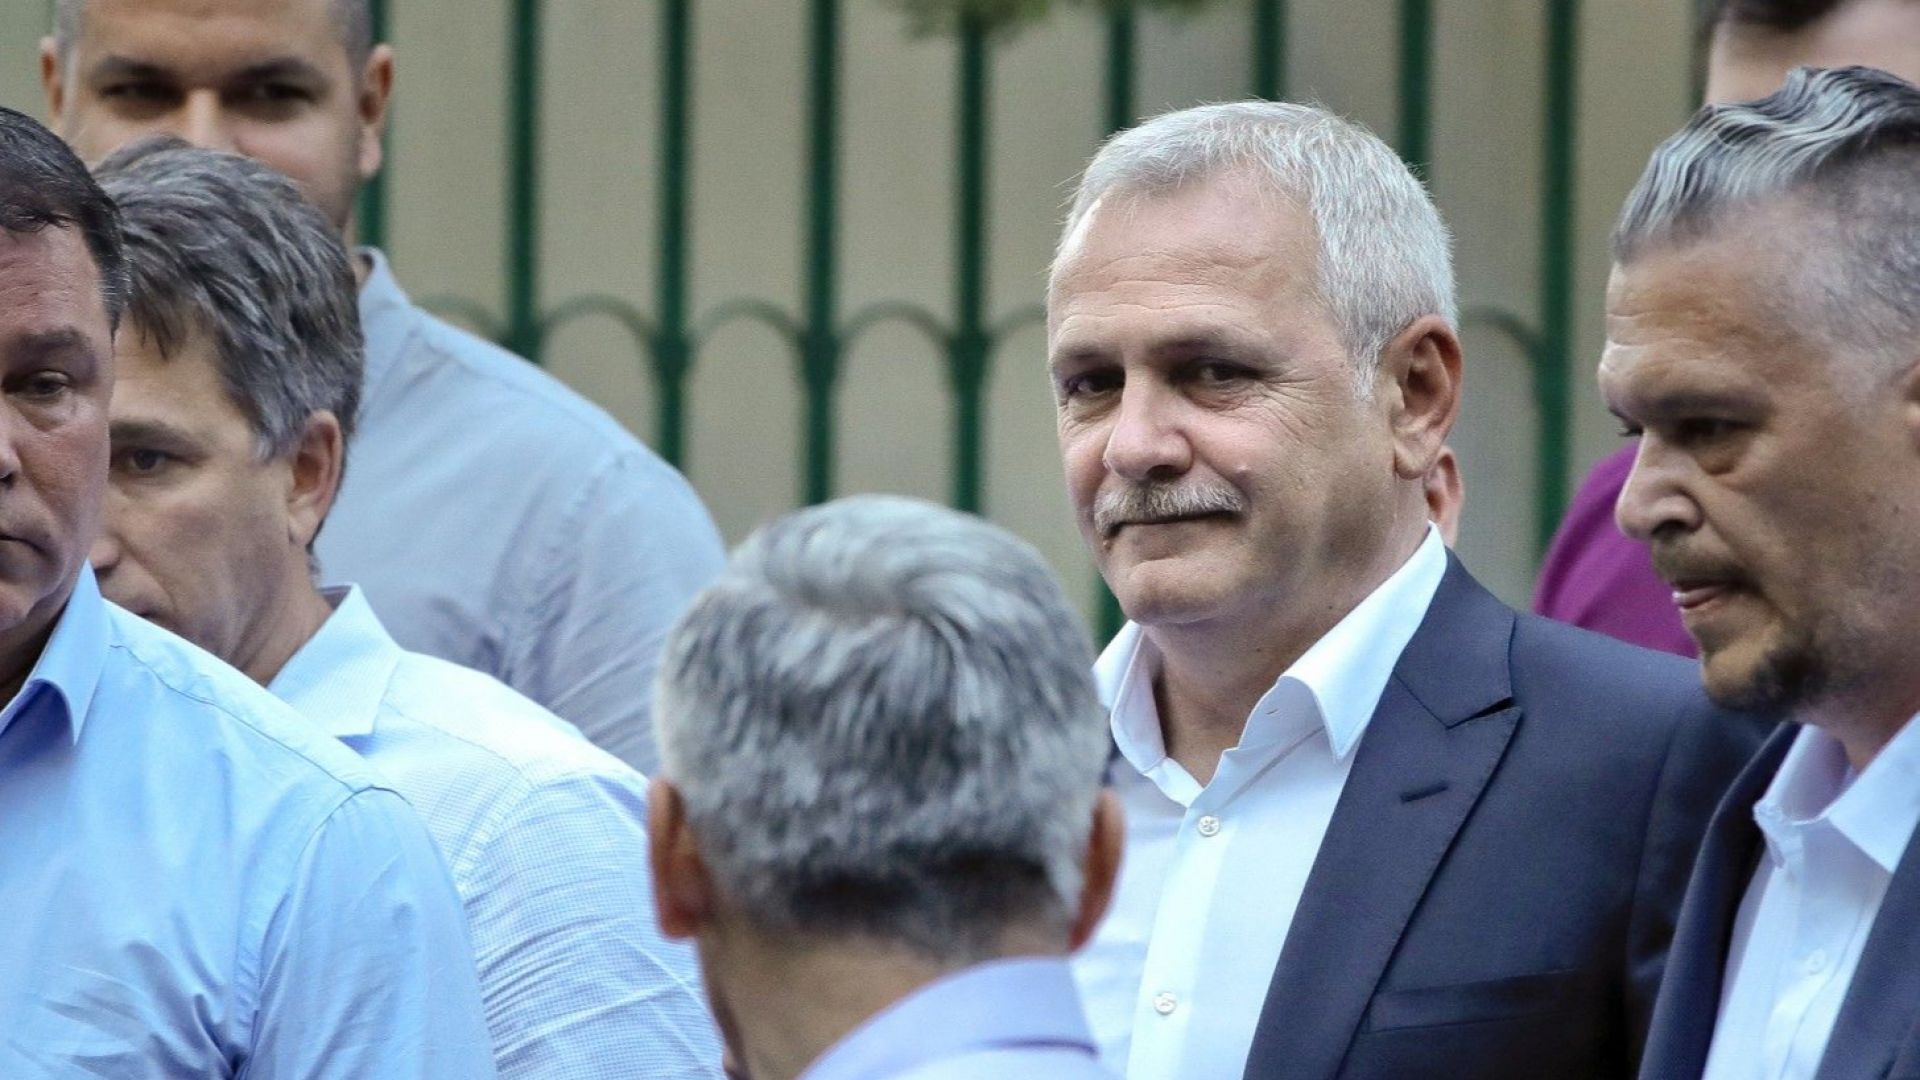 Часове след присъдата лидерът на румънската управляваща партия бе откаран в затвора